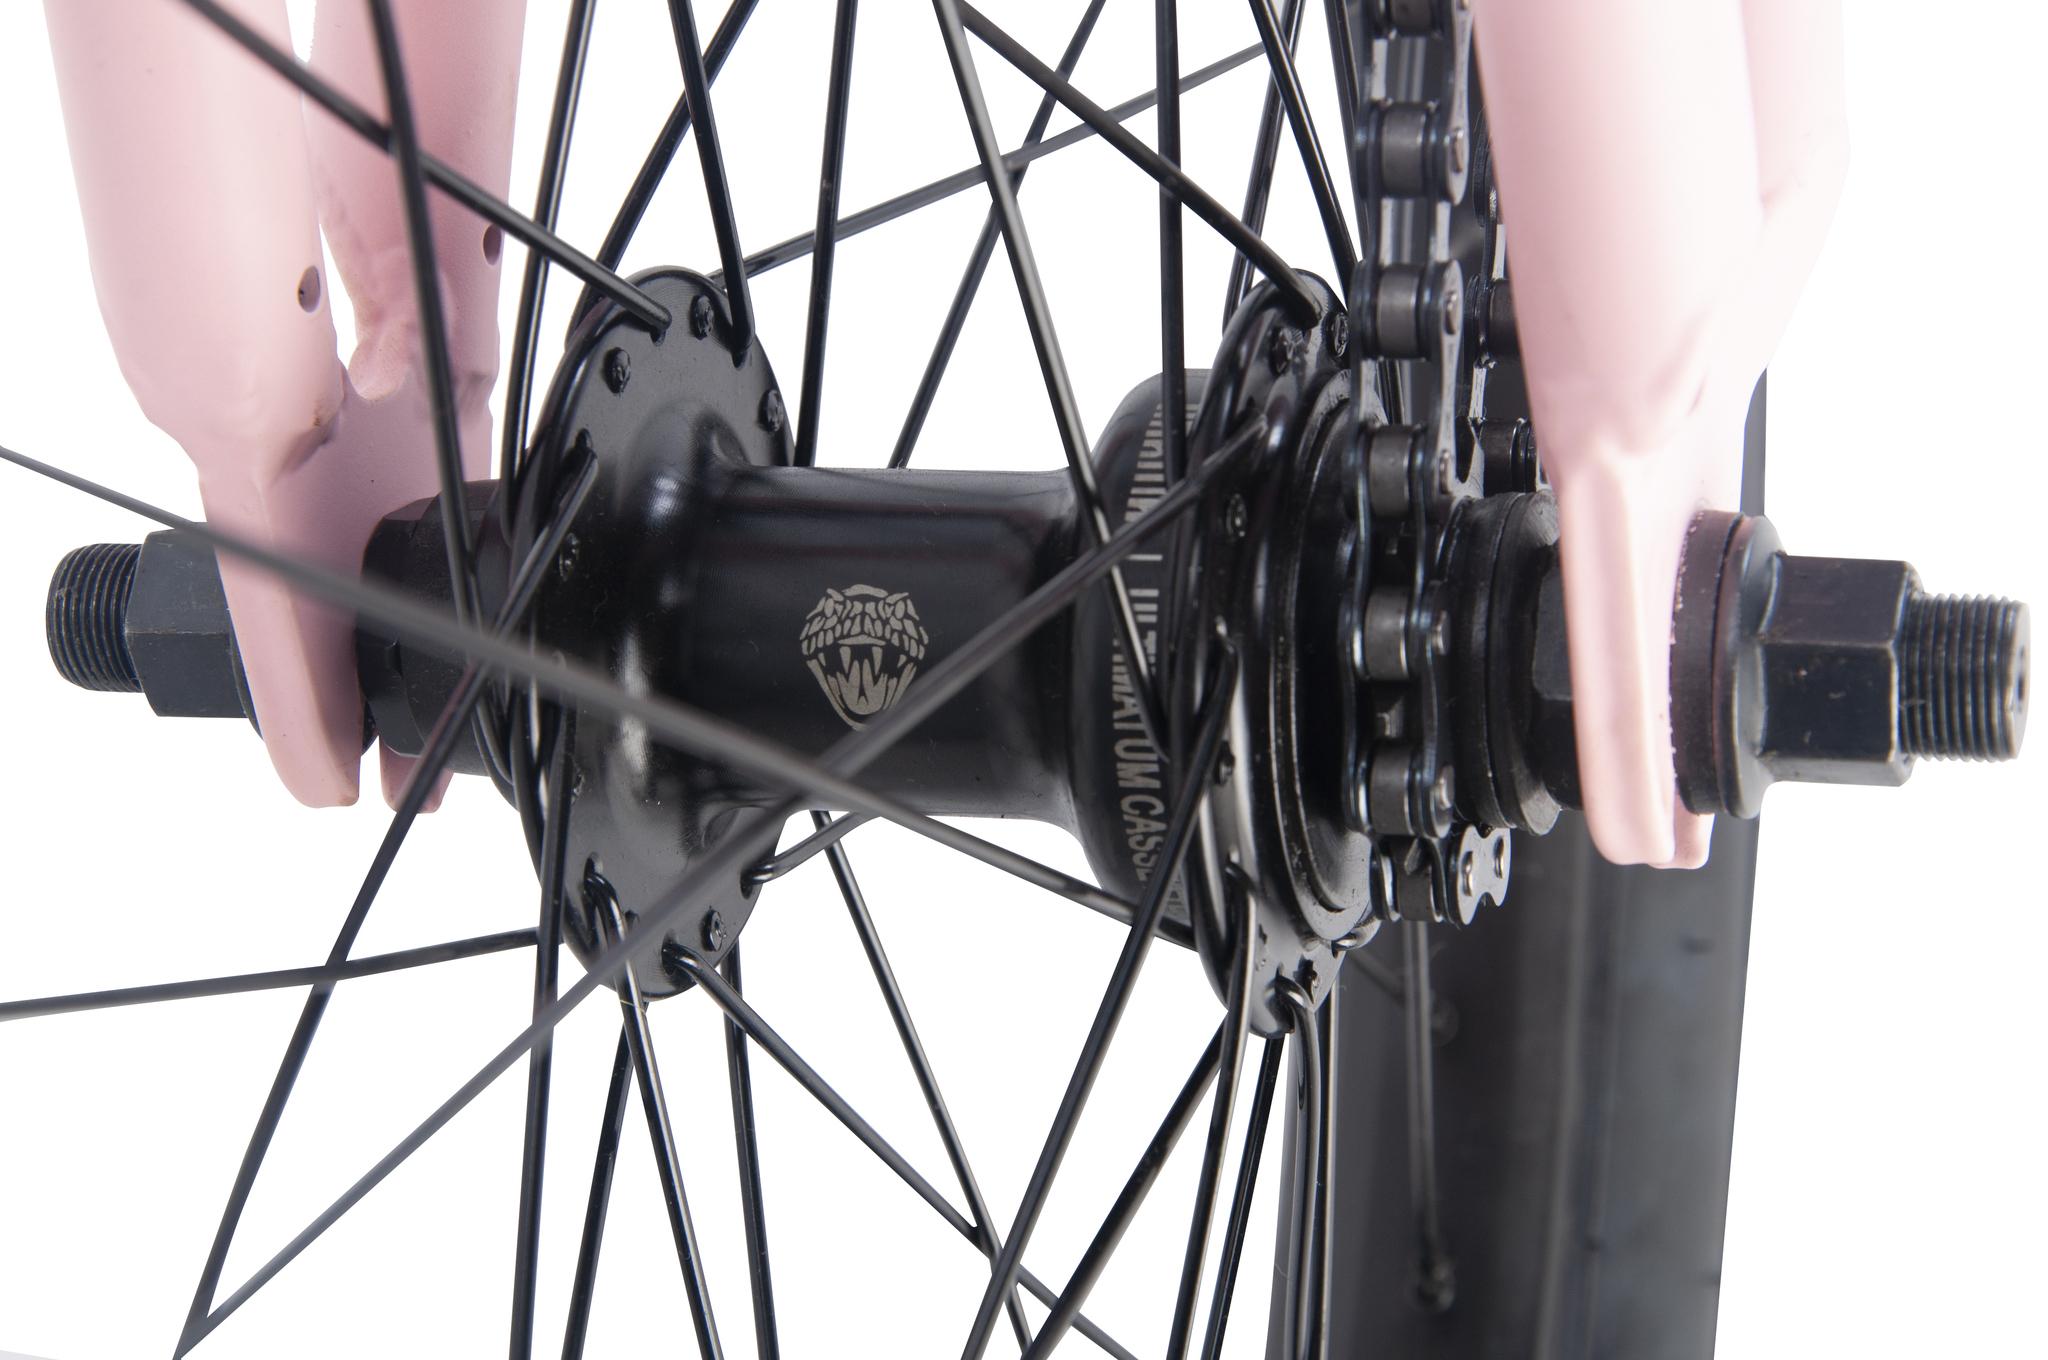 BMX Велосипед Karma Ultimatum LT 2020 (матовый розовый)